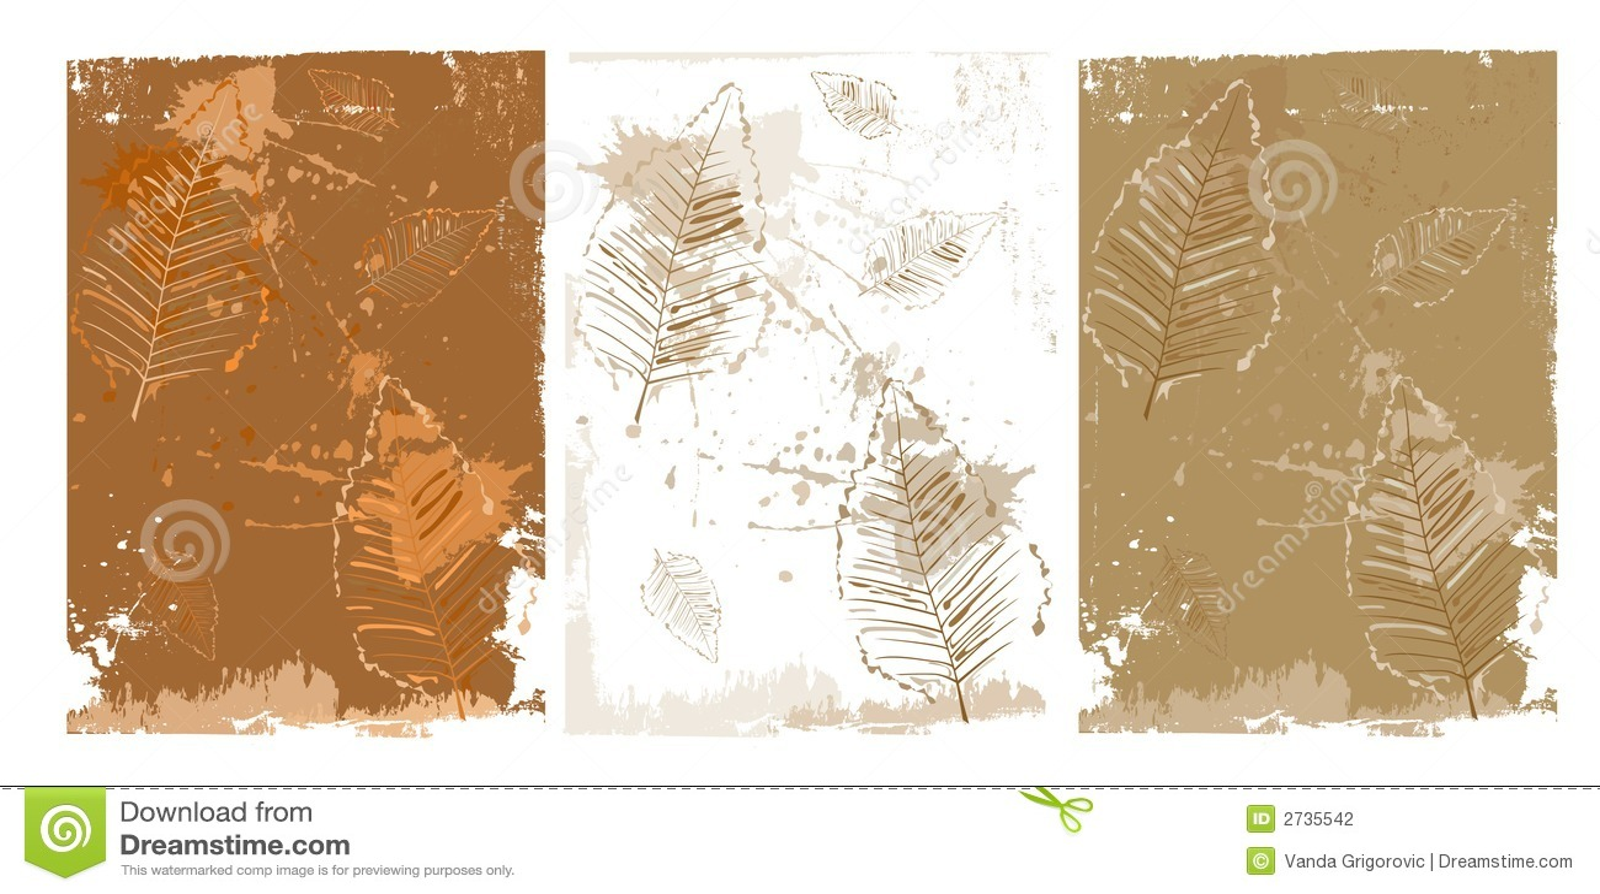 Torka leaves